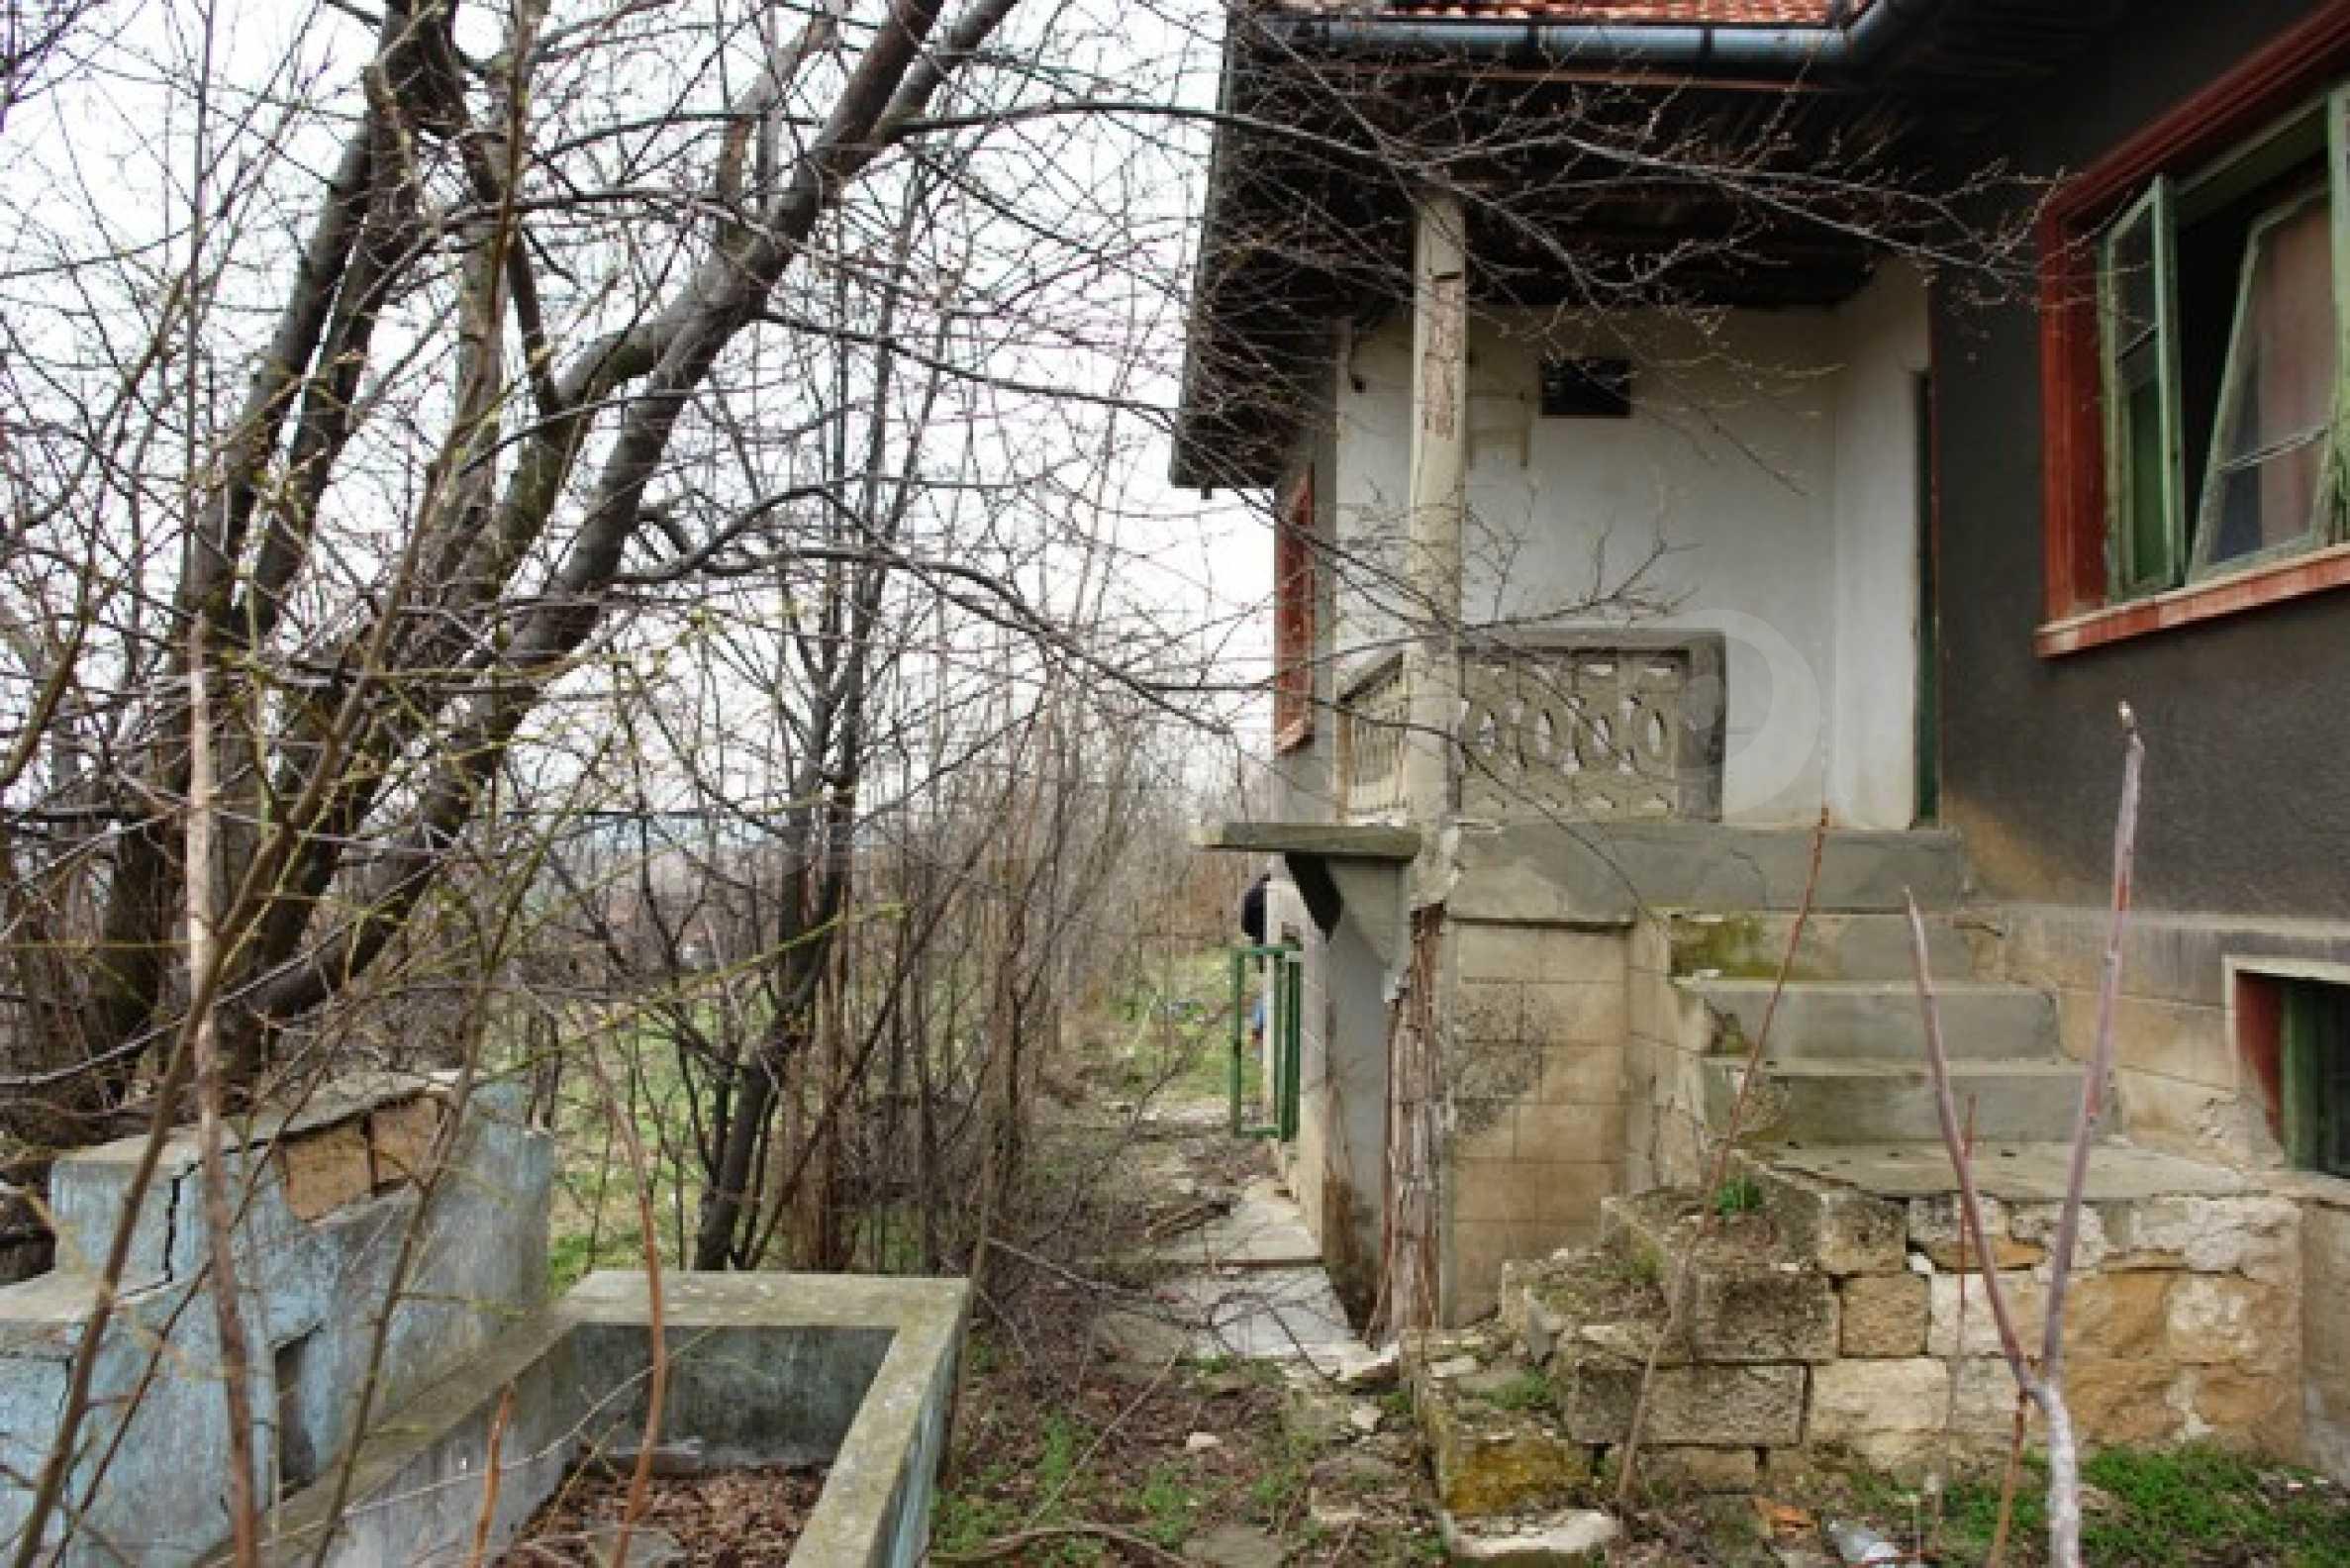 House for sale in Beltsov village 9